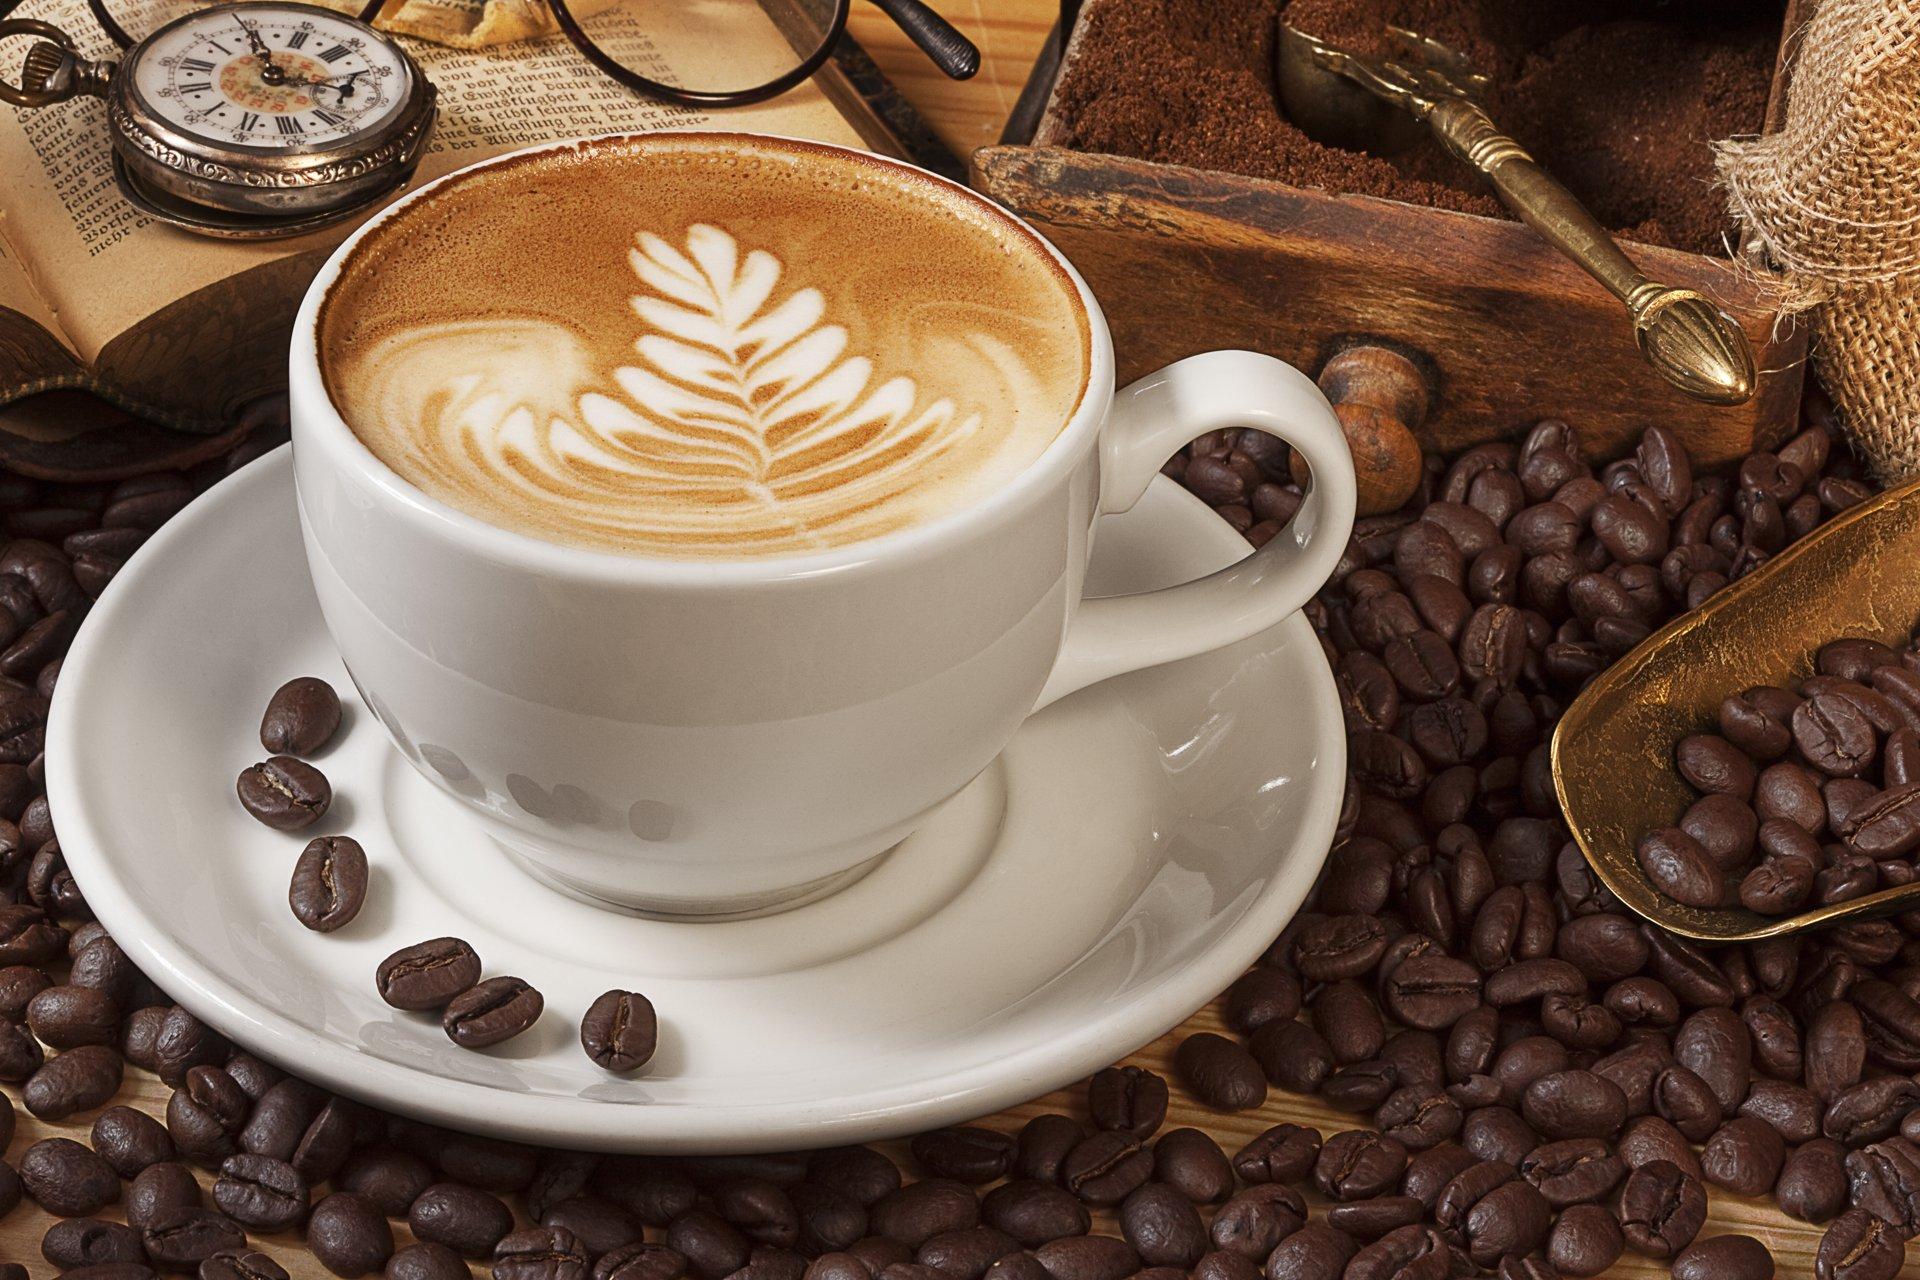 tải hình cốc cafe đẹp